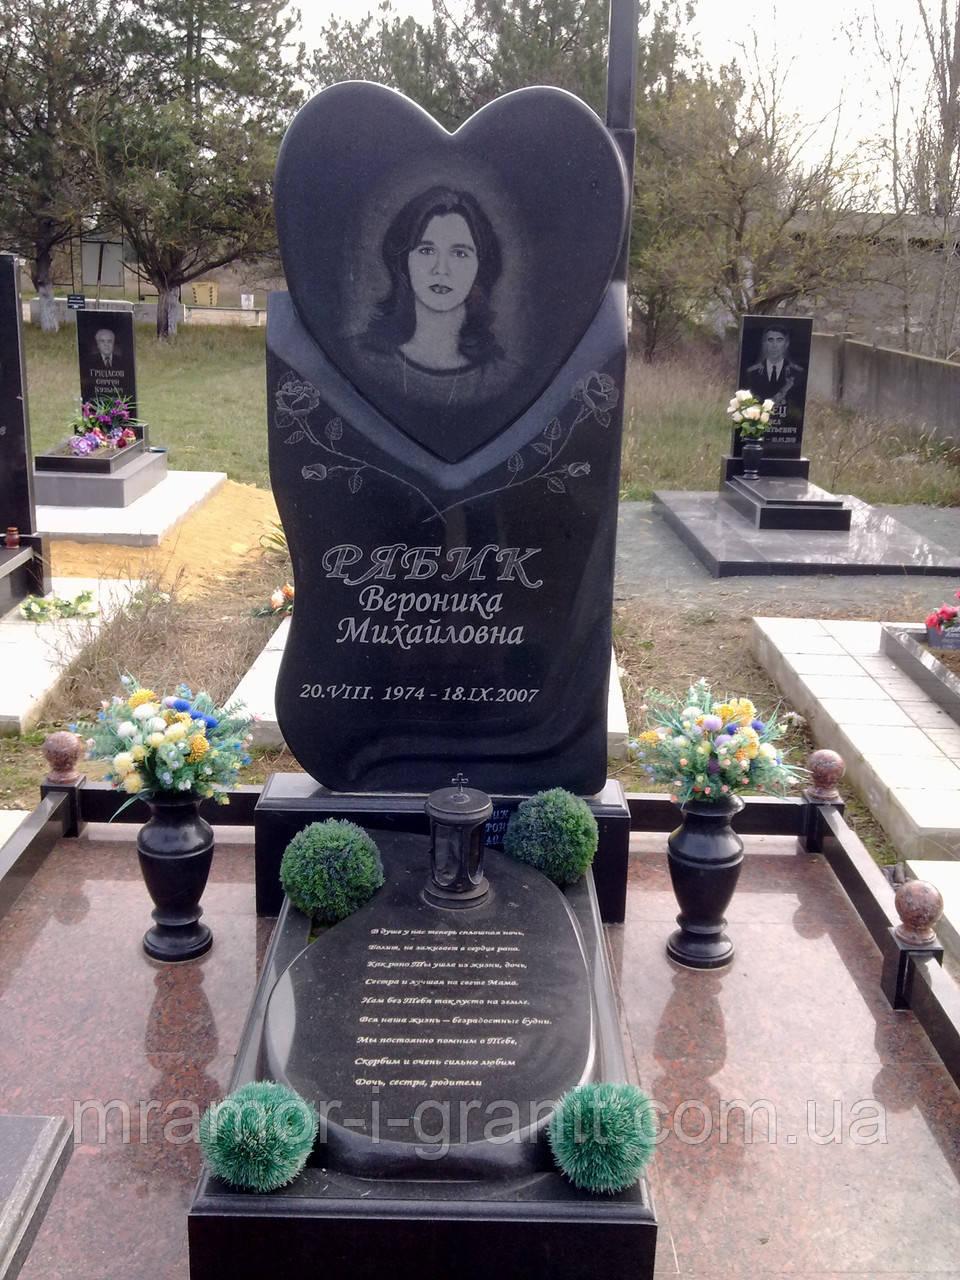 Фото надгробных памятников резные памятники из гранита кострома